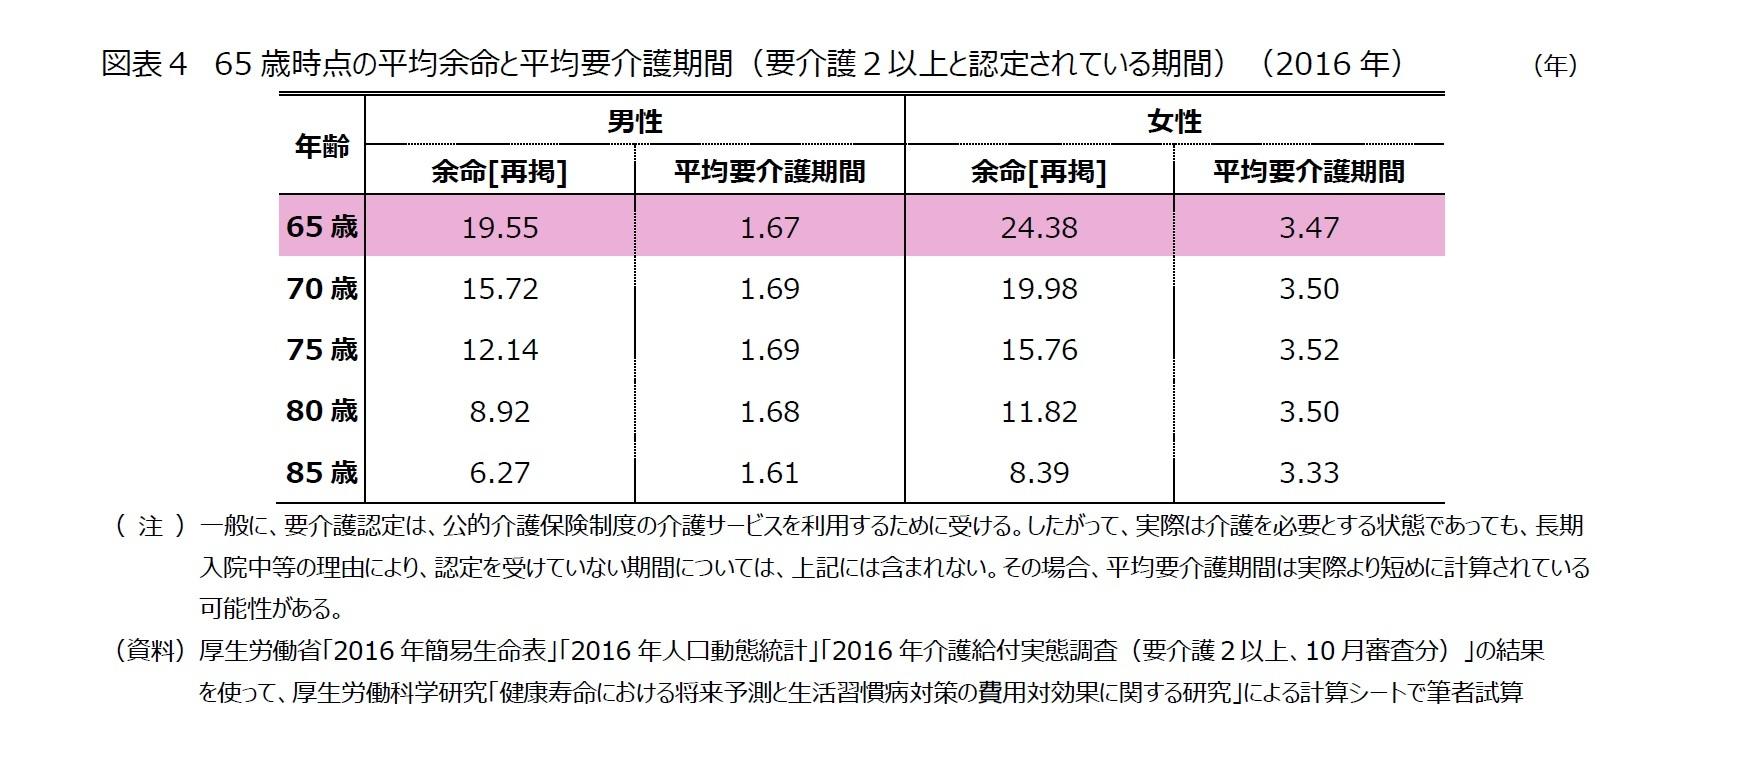 図表4 65歳時点の平均余命と平均要介護期間(要介護2以上と認定されている期間)(2016年)